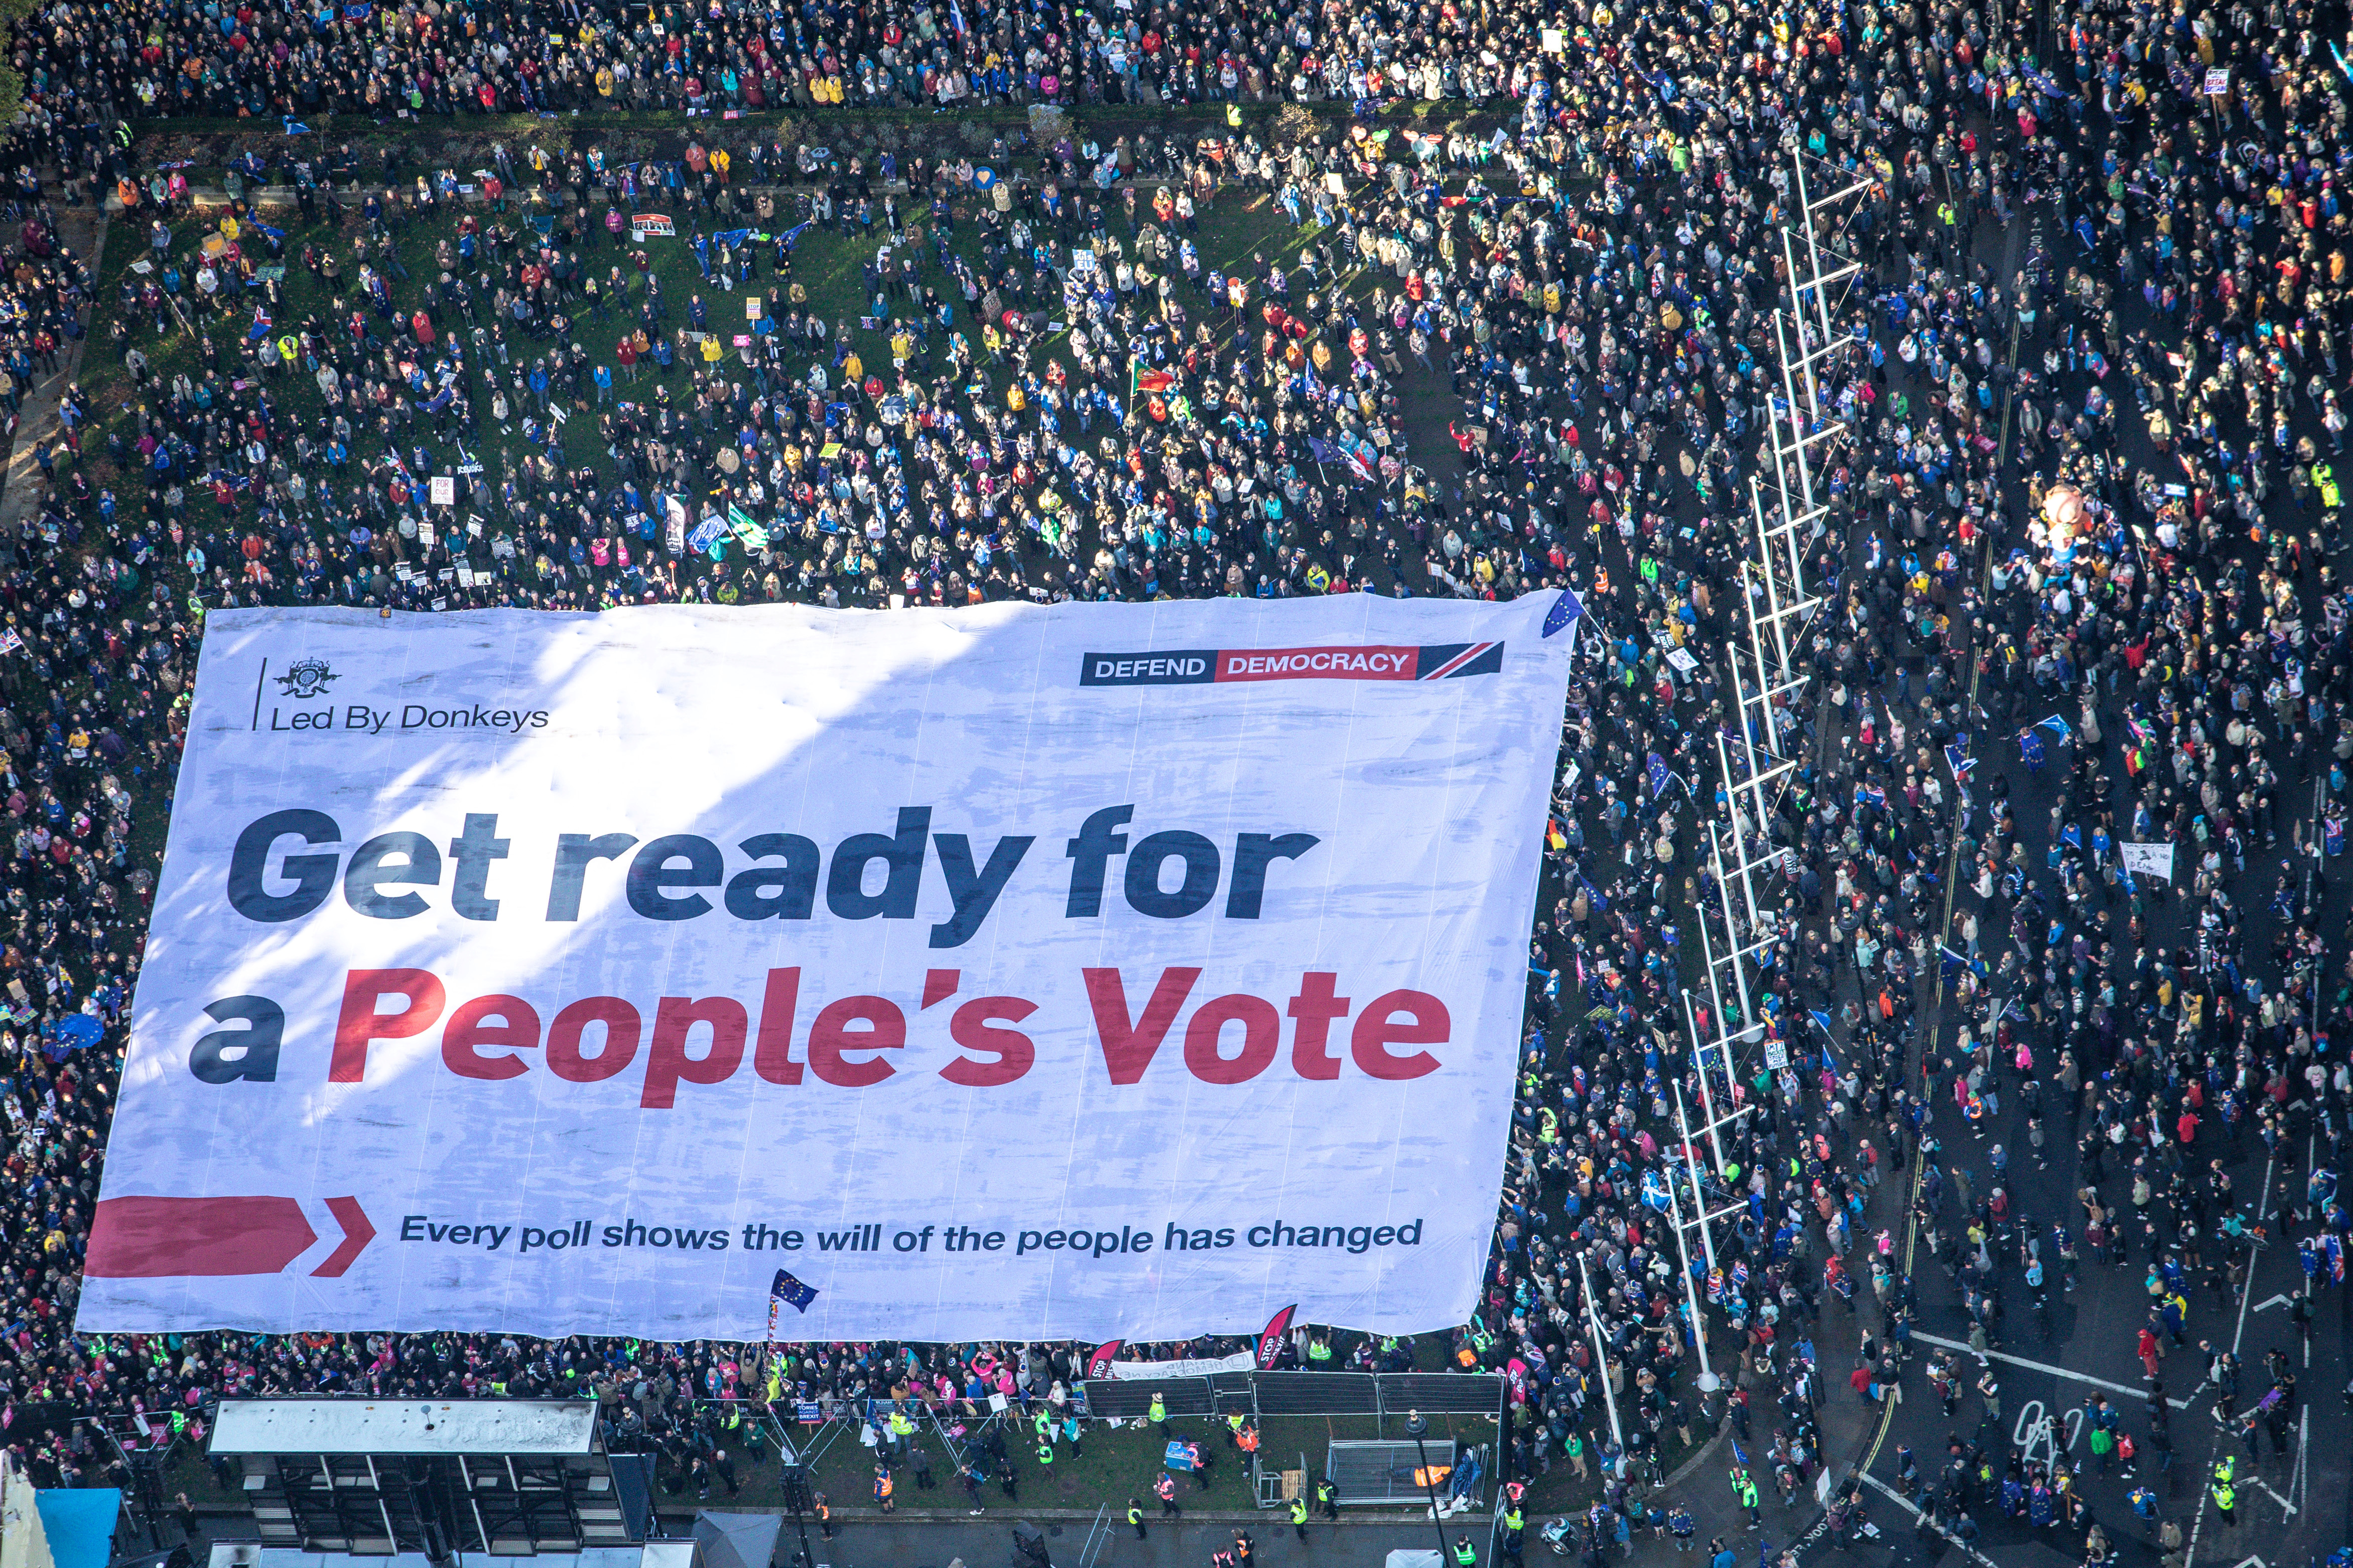 Demonstranti su na protestima u subotu tražili novi referendum o bregzitu